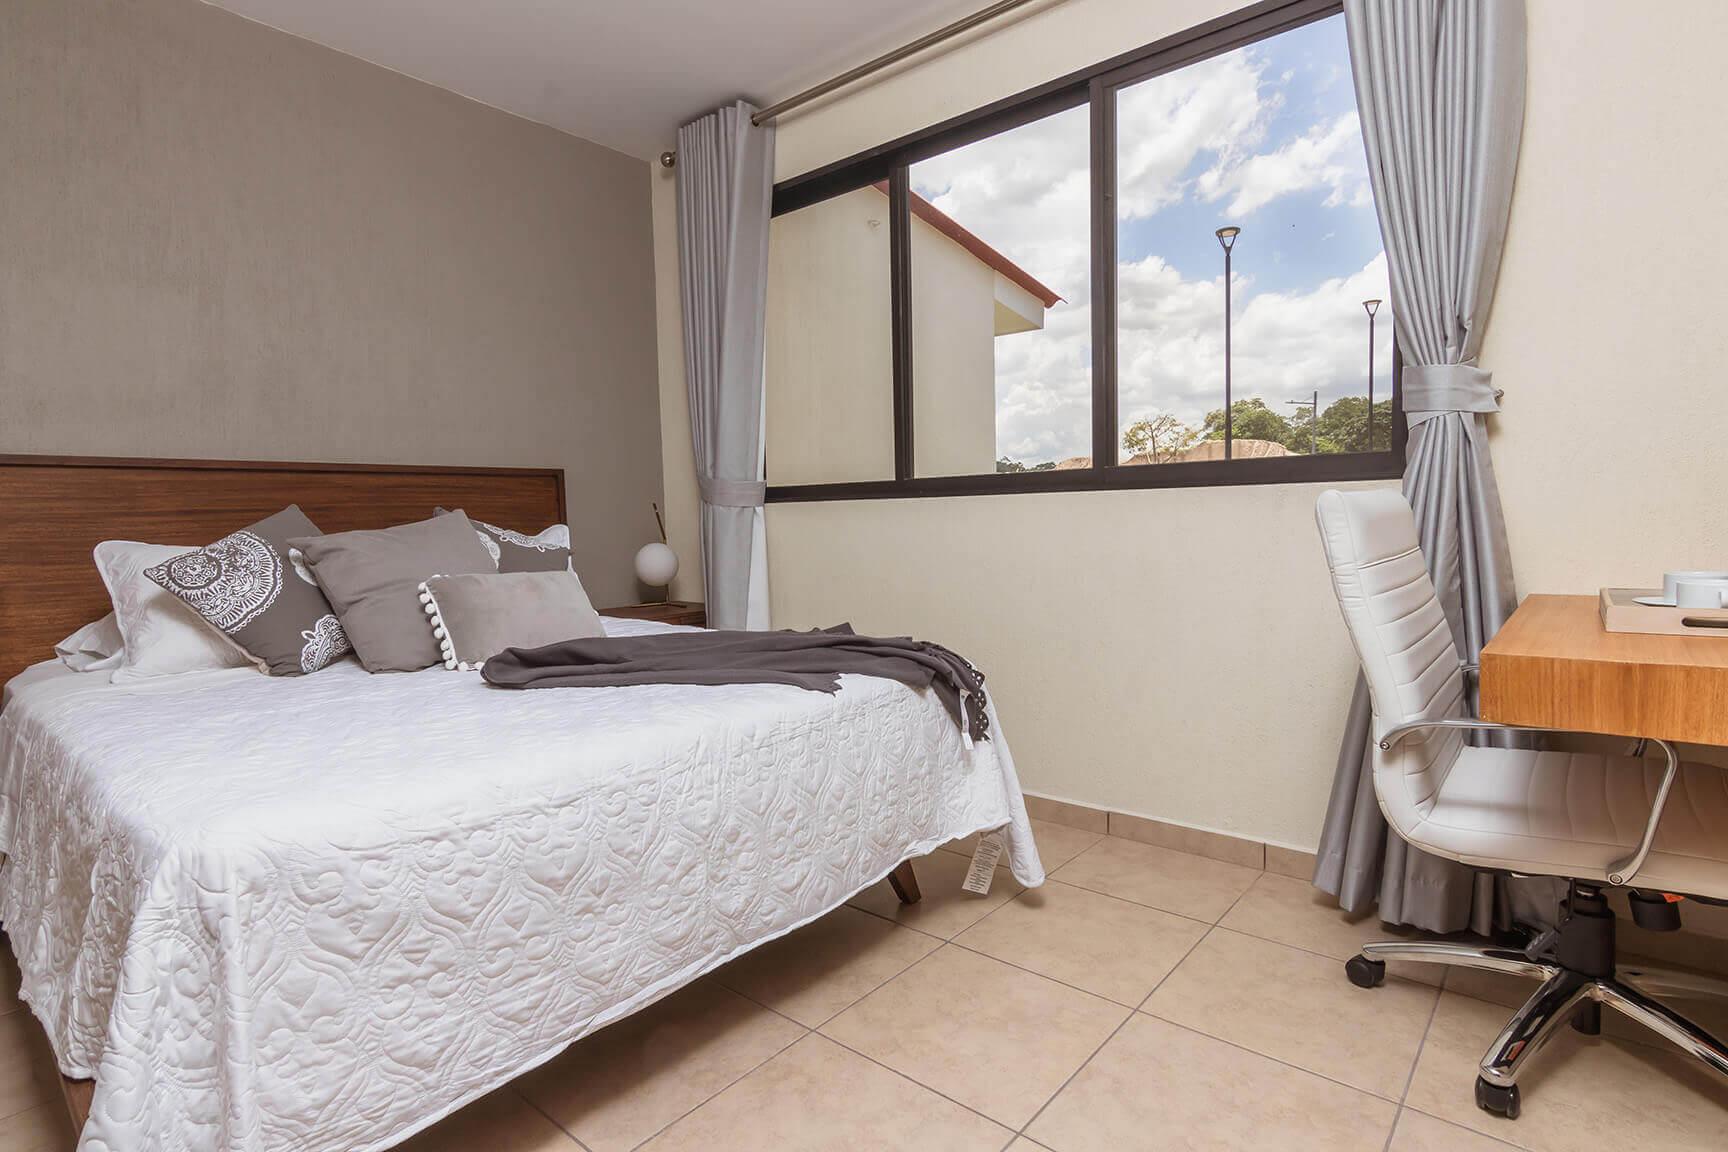 5 ventajas de vivir en un residencial privado